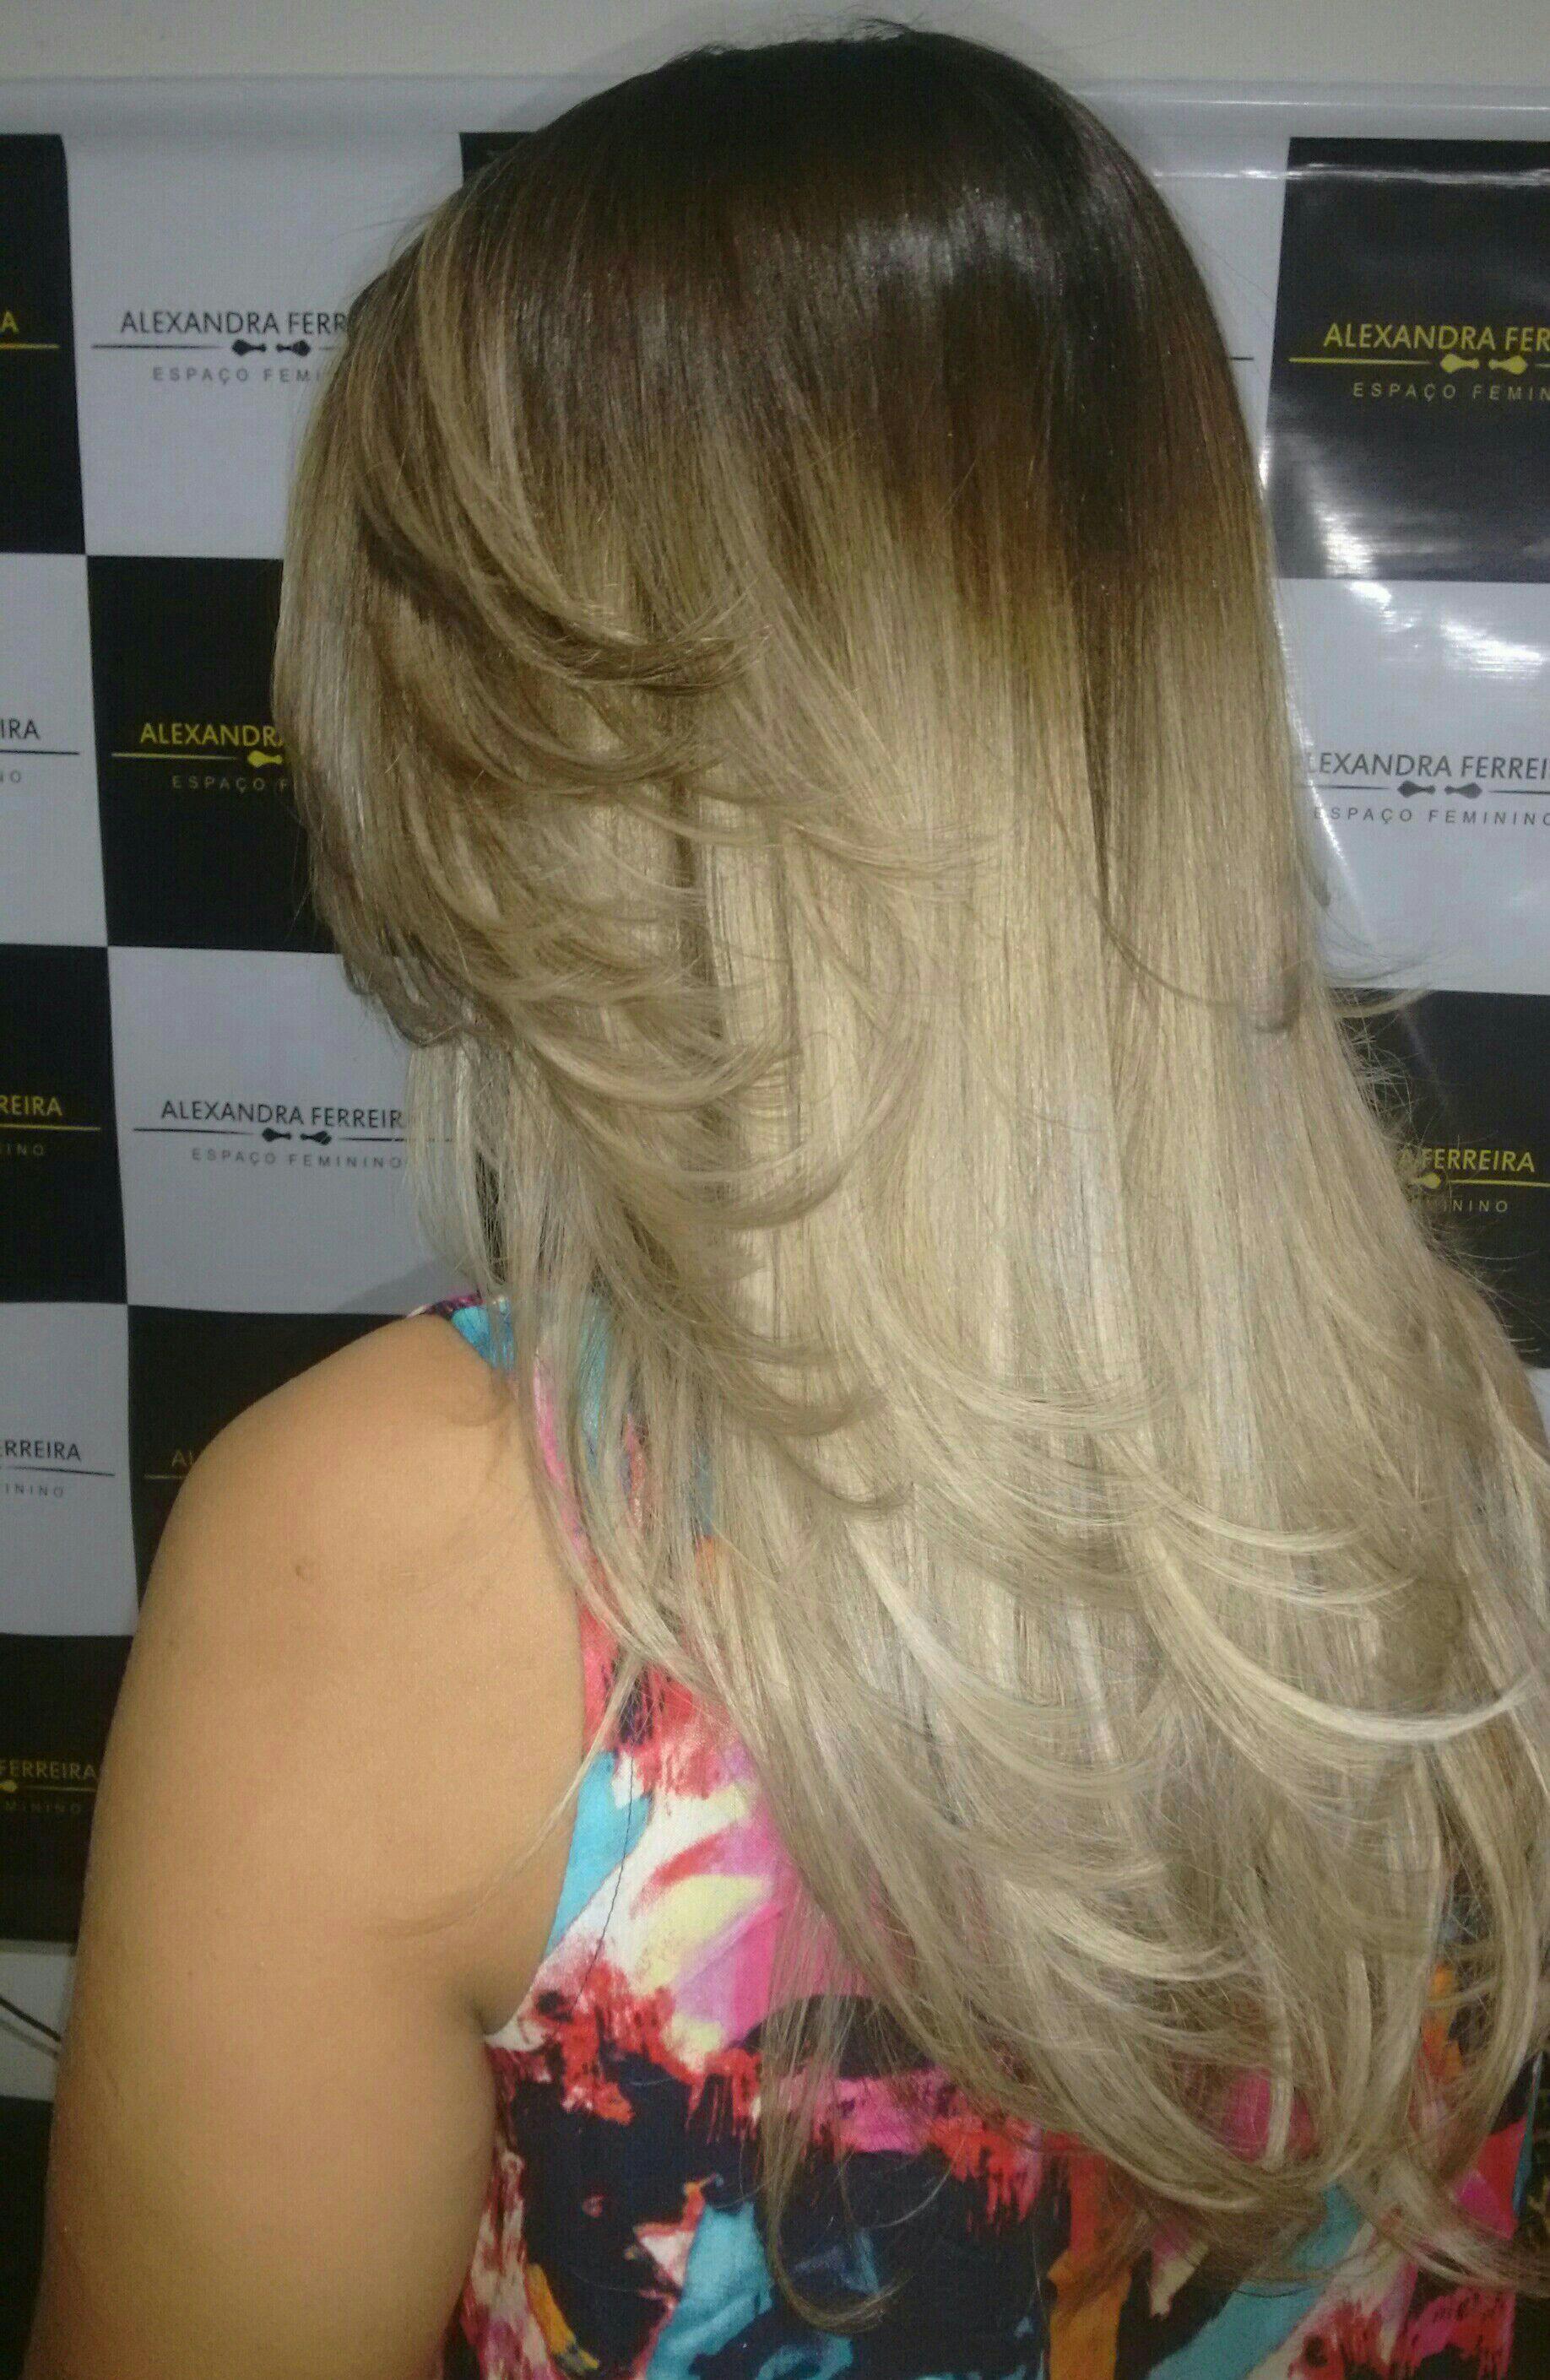 Cabelos com técnica de ombre Hair  irissado com Raíz esfumada cabelo manicure e pedicure maquiador(a) consultor(a)